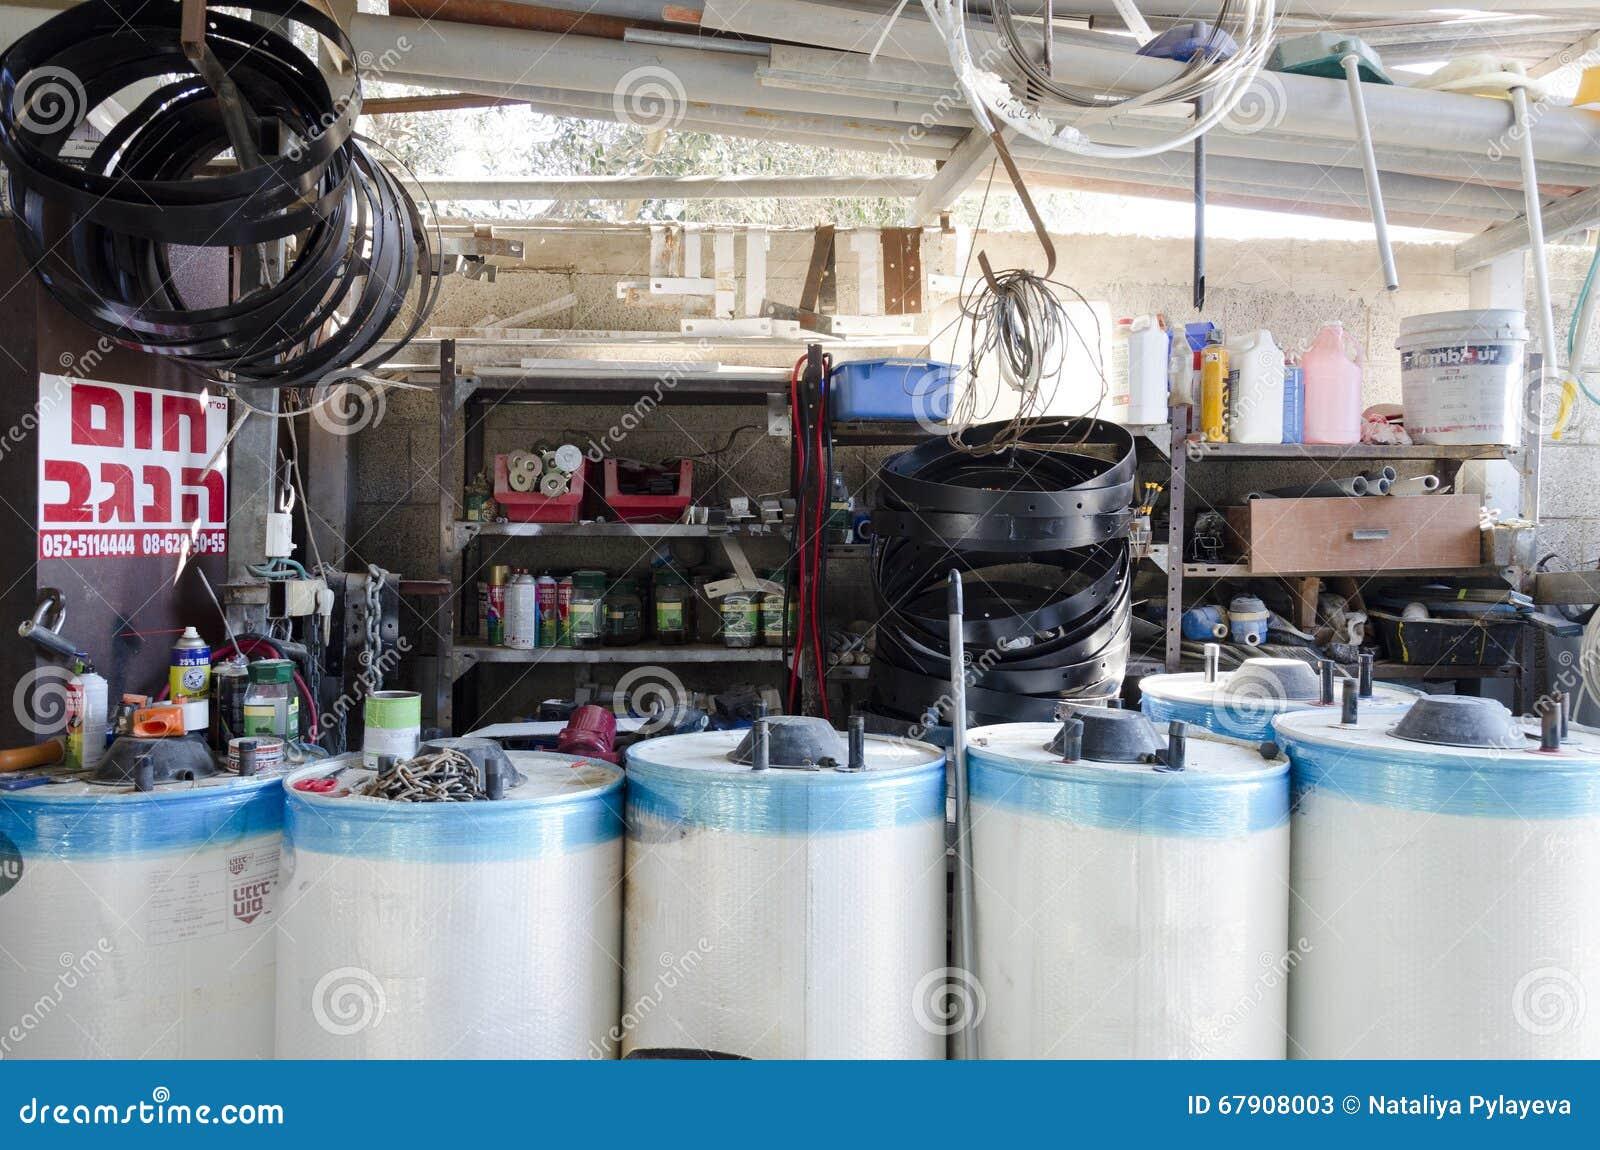 Beer-Sheva, Israel. February 29 - Solar boilers